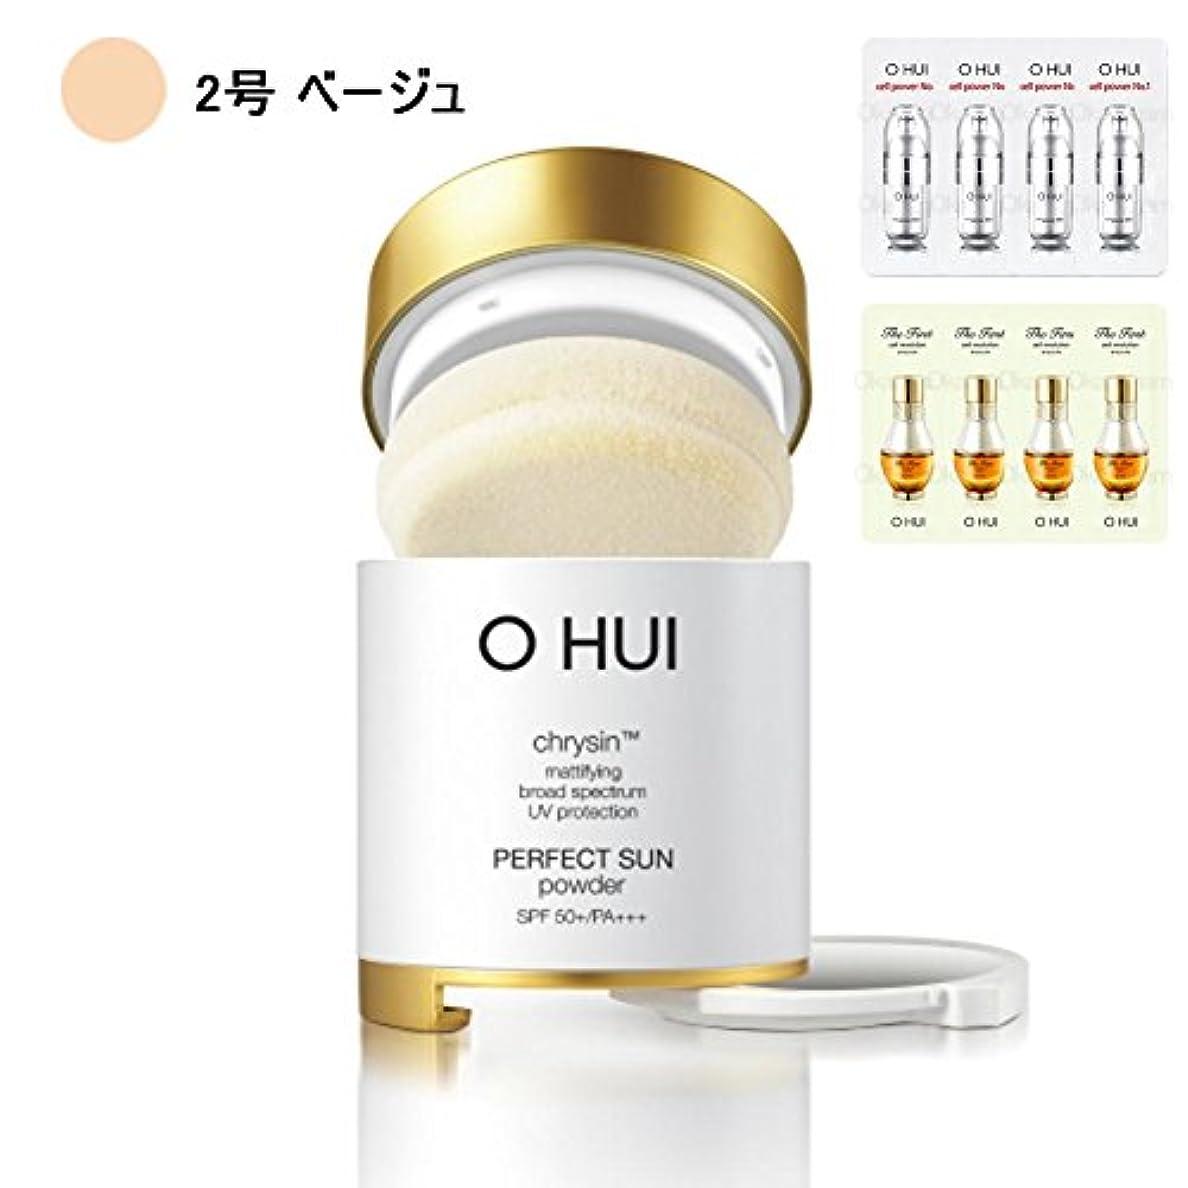 マージ渇き独裁者[オフィ/O HUI]韓国化粧品 LG生活健康/OHUI OFS06 PERFECT SUN POWDER/オフィ パーフェクトサンパウダー 2号 (SPF50+/PA+++) +[Sample Gift](海外直送品)